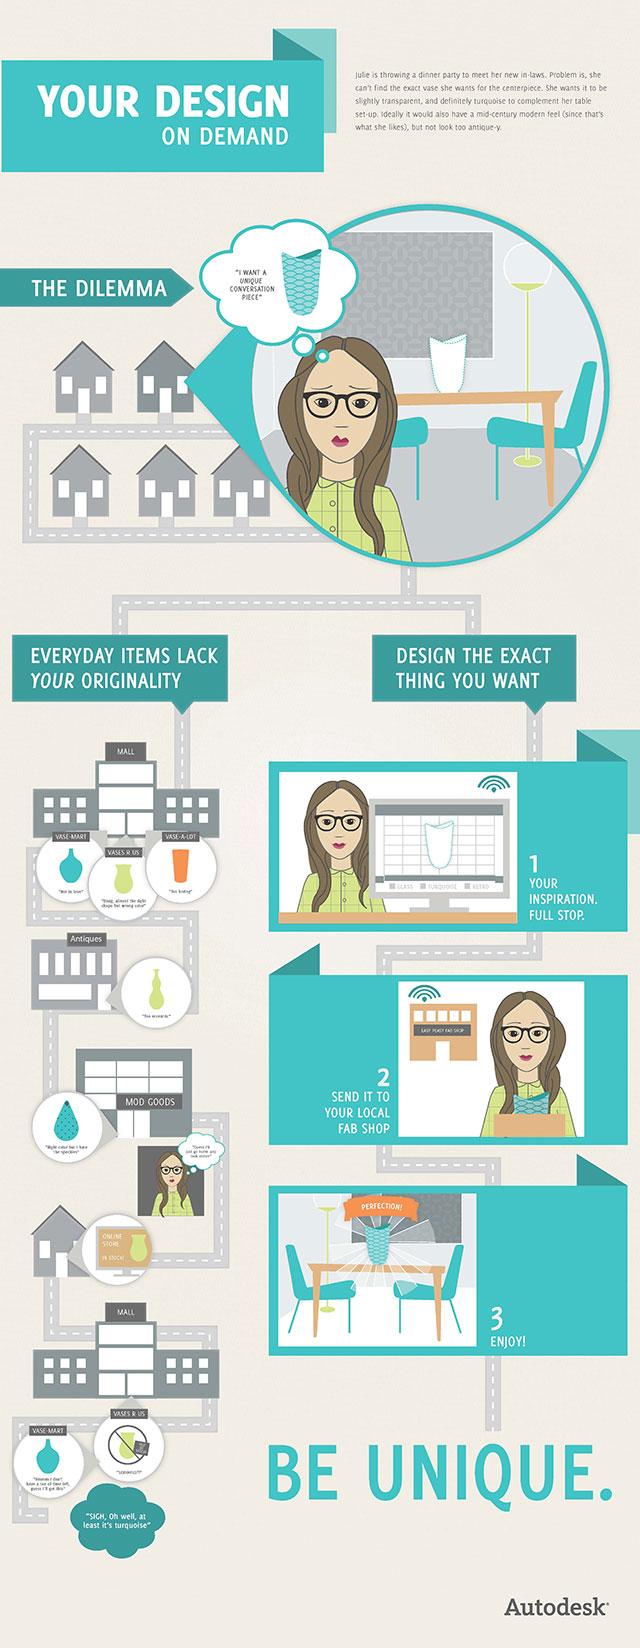 Autodesk Infographic